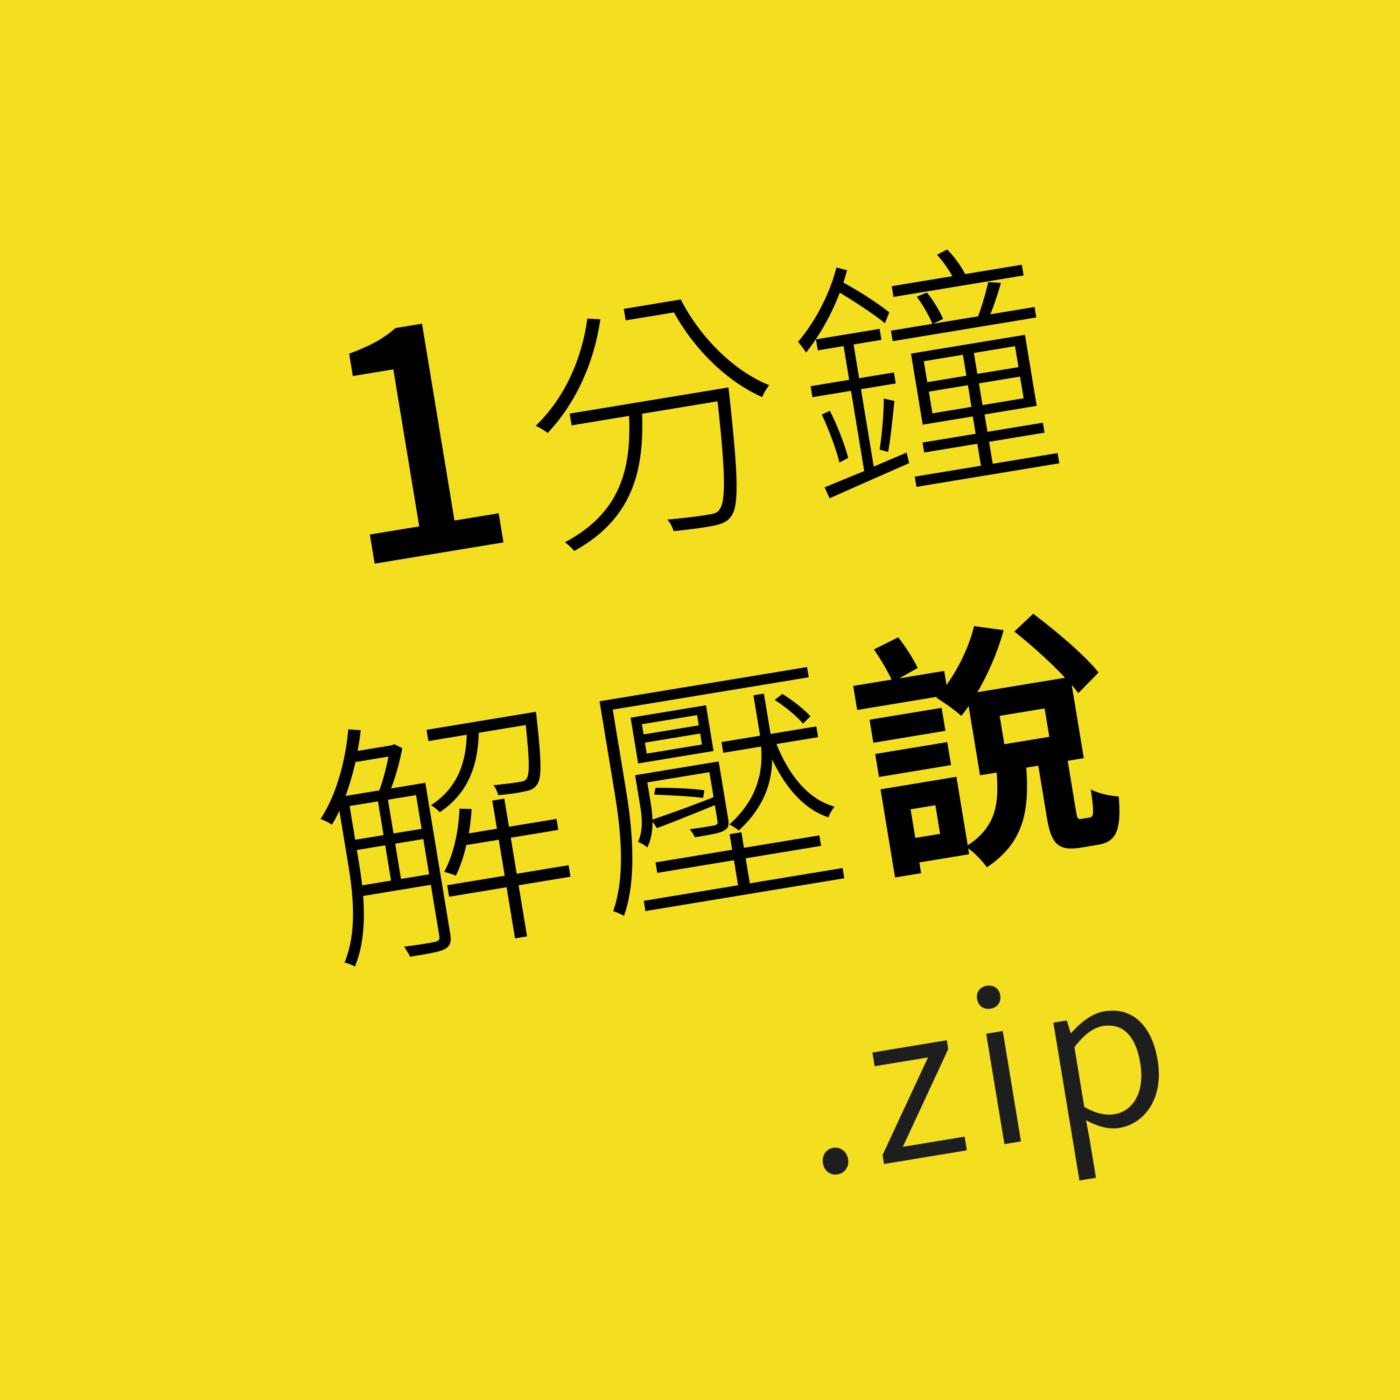 [第11集.zip] 如何快速製作有很多張截圖說明文件?推薦免費截圖工具Tango,很簡單製作遠距非同步溝通的操作說明文件,並且也能事後修改即時更新!